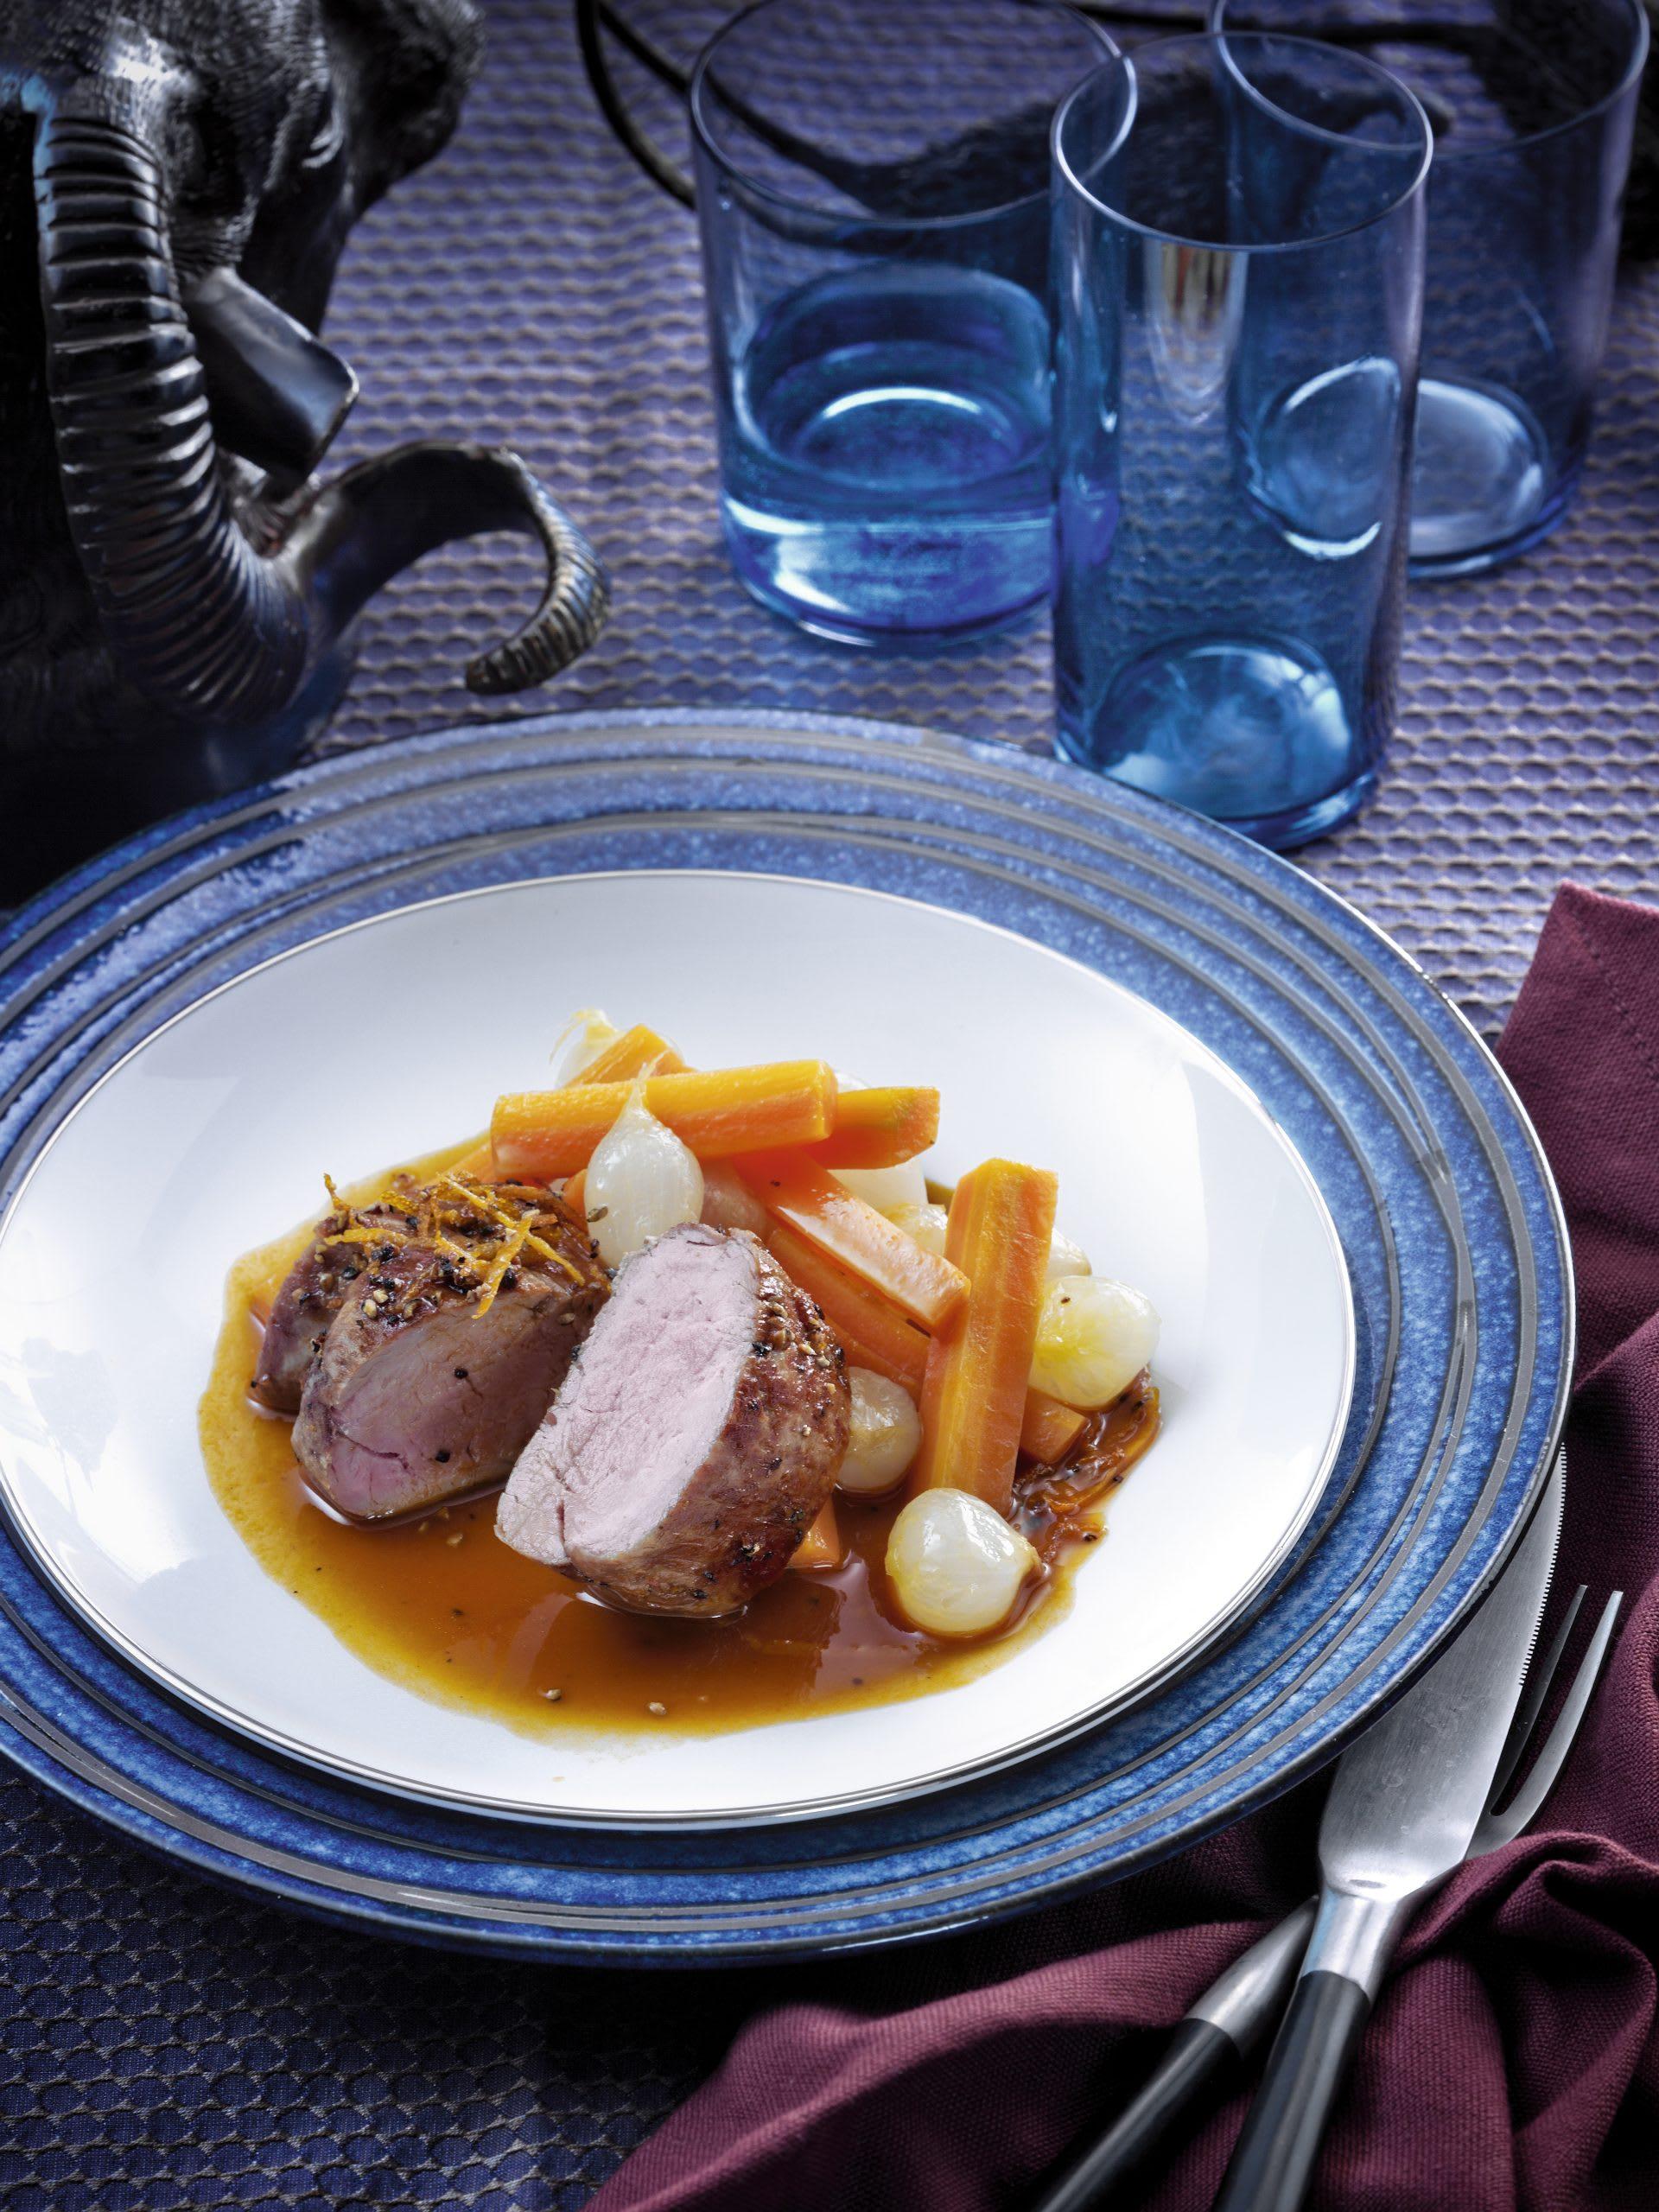 Schweinsfilet in Pfeffer-Orangen-Kruste mit Rüebli-Zwiebel-Gemüse